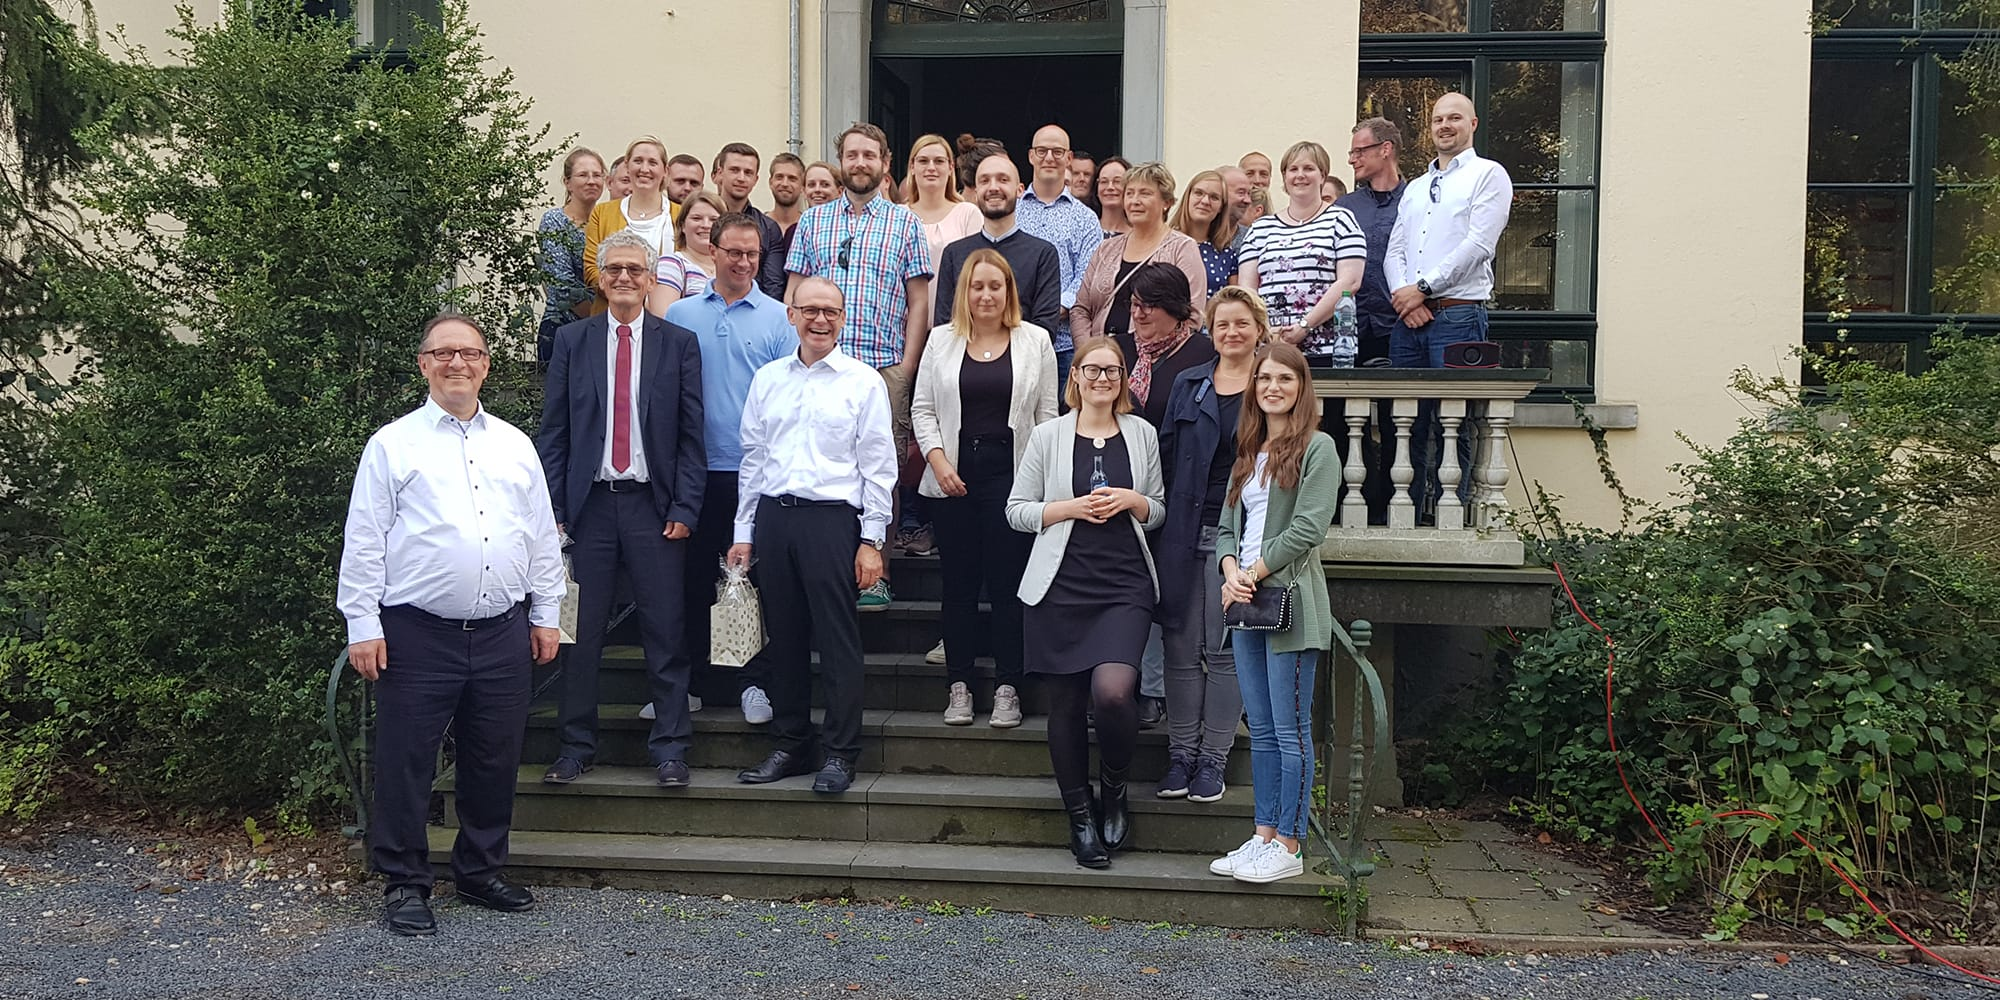 HIB Gruppenbild zum Firmenjubiläum